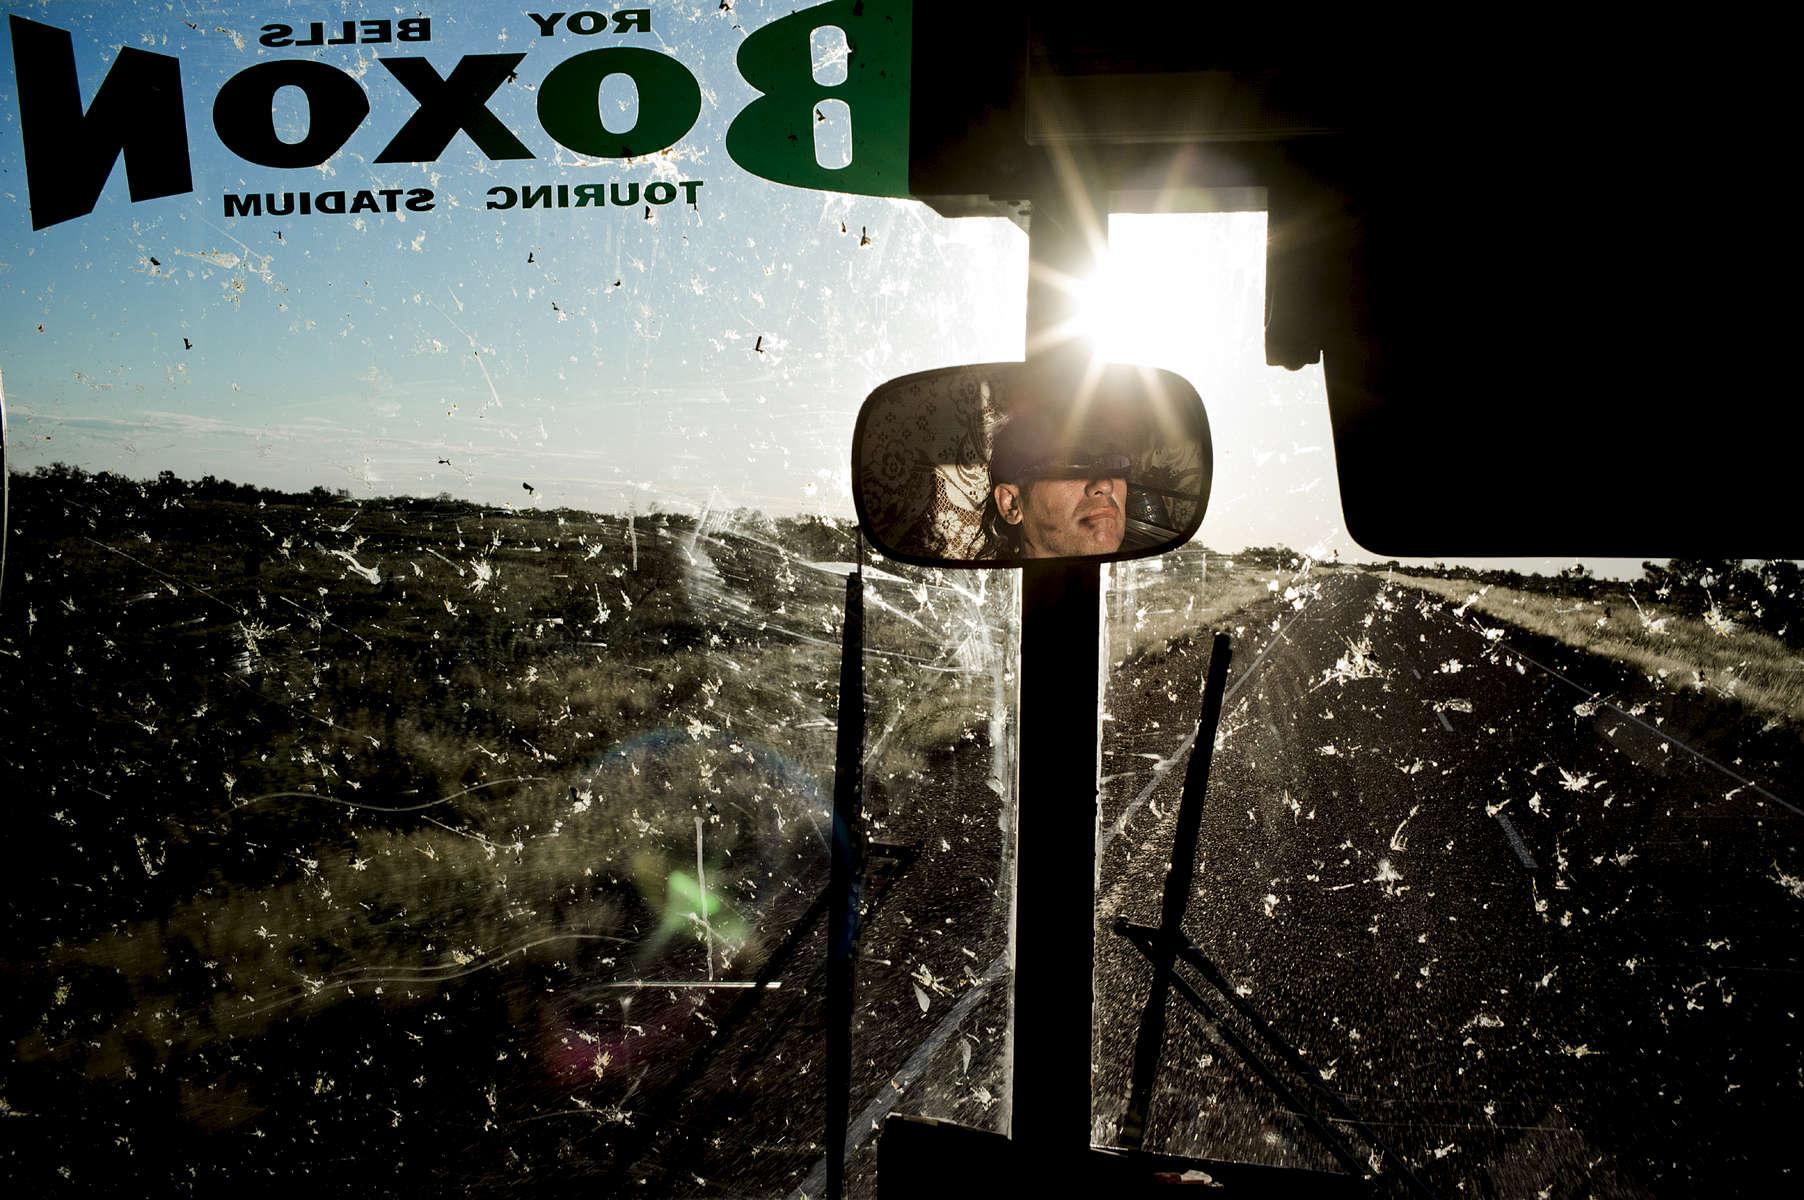 A la première occasion qui se présente Michael charge son bus, embrasse sa femme Mandy et ses cinq enfants, et part sillonner les routes de l'Outback accompagné de quelques boxeurs. Ils se rendent la plupart du temps dans des pubs, des communautés aborigènes isolées ou encore des fermes du Territoire du Nord, TN, Australie, Avril 2012.